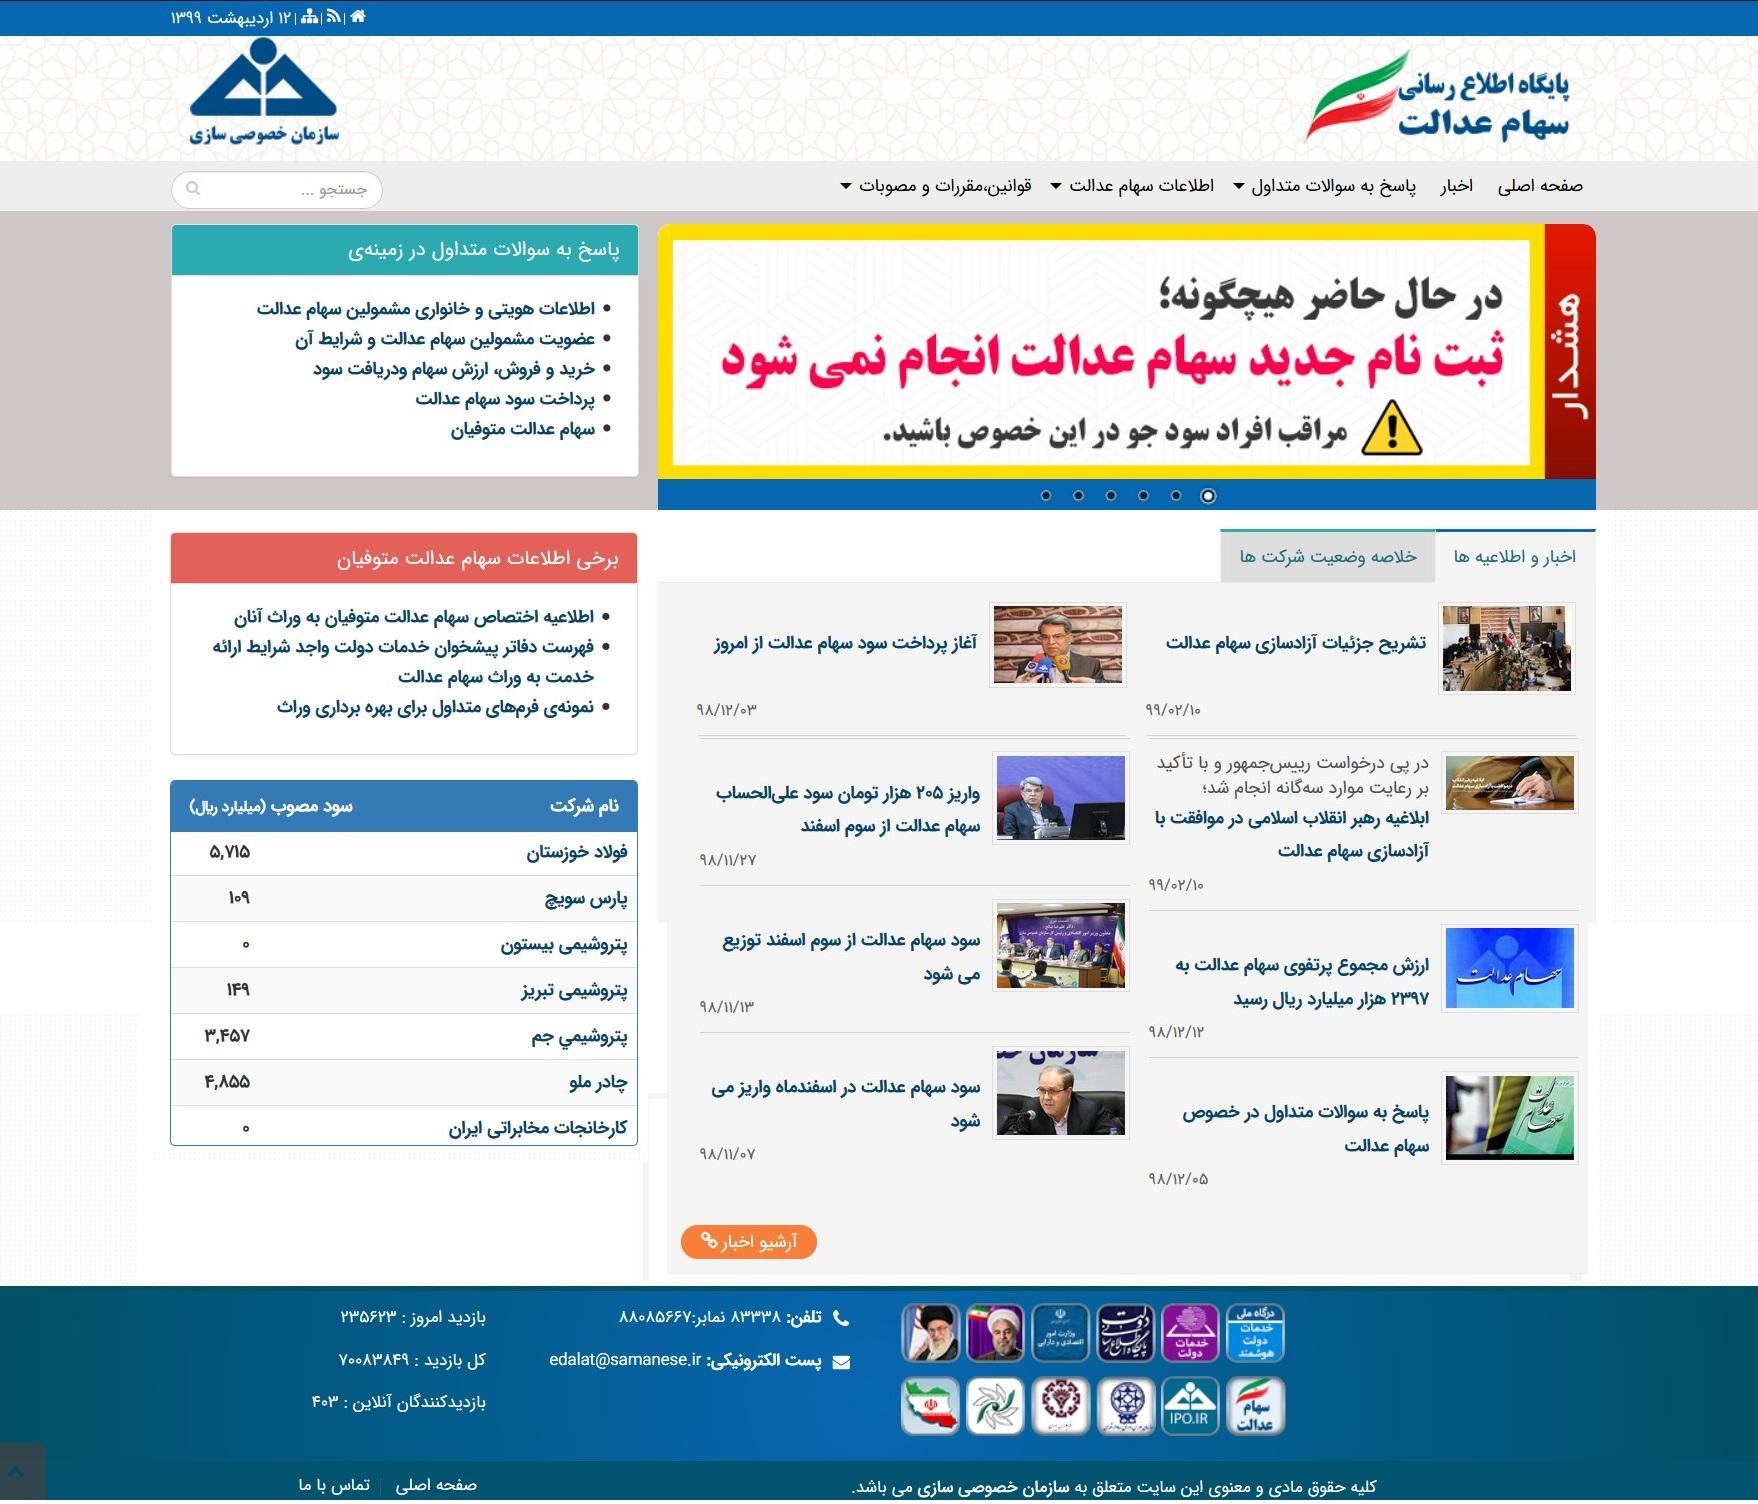 سایت اطلاع رسانی سهام عدالت - خبریفا